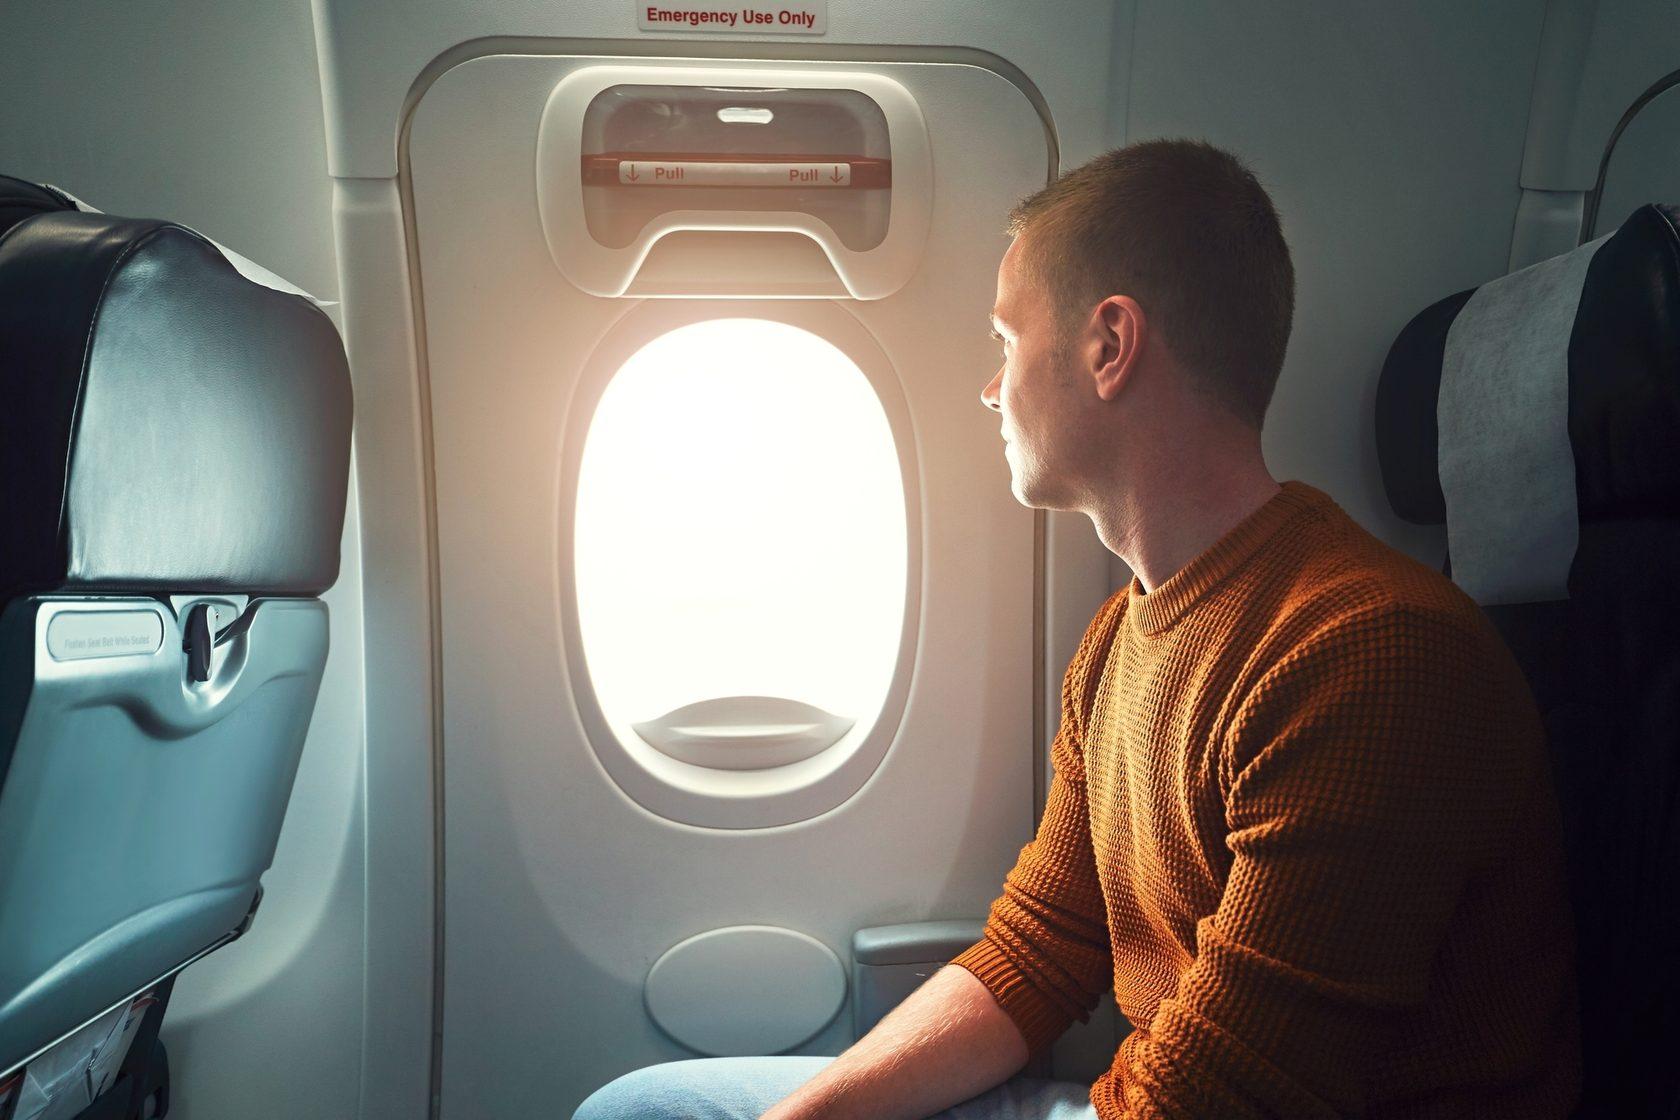 условно назвали картинка человек сидит у иллюминатора самолета московской области введен